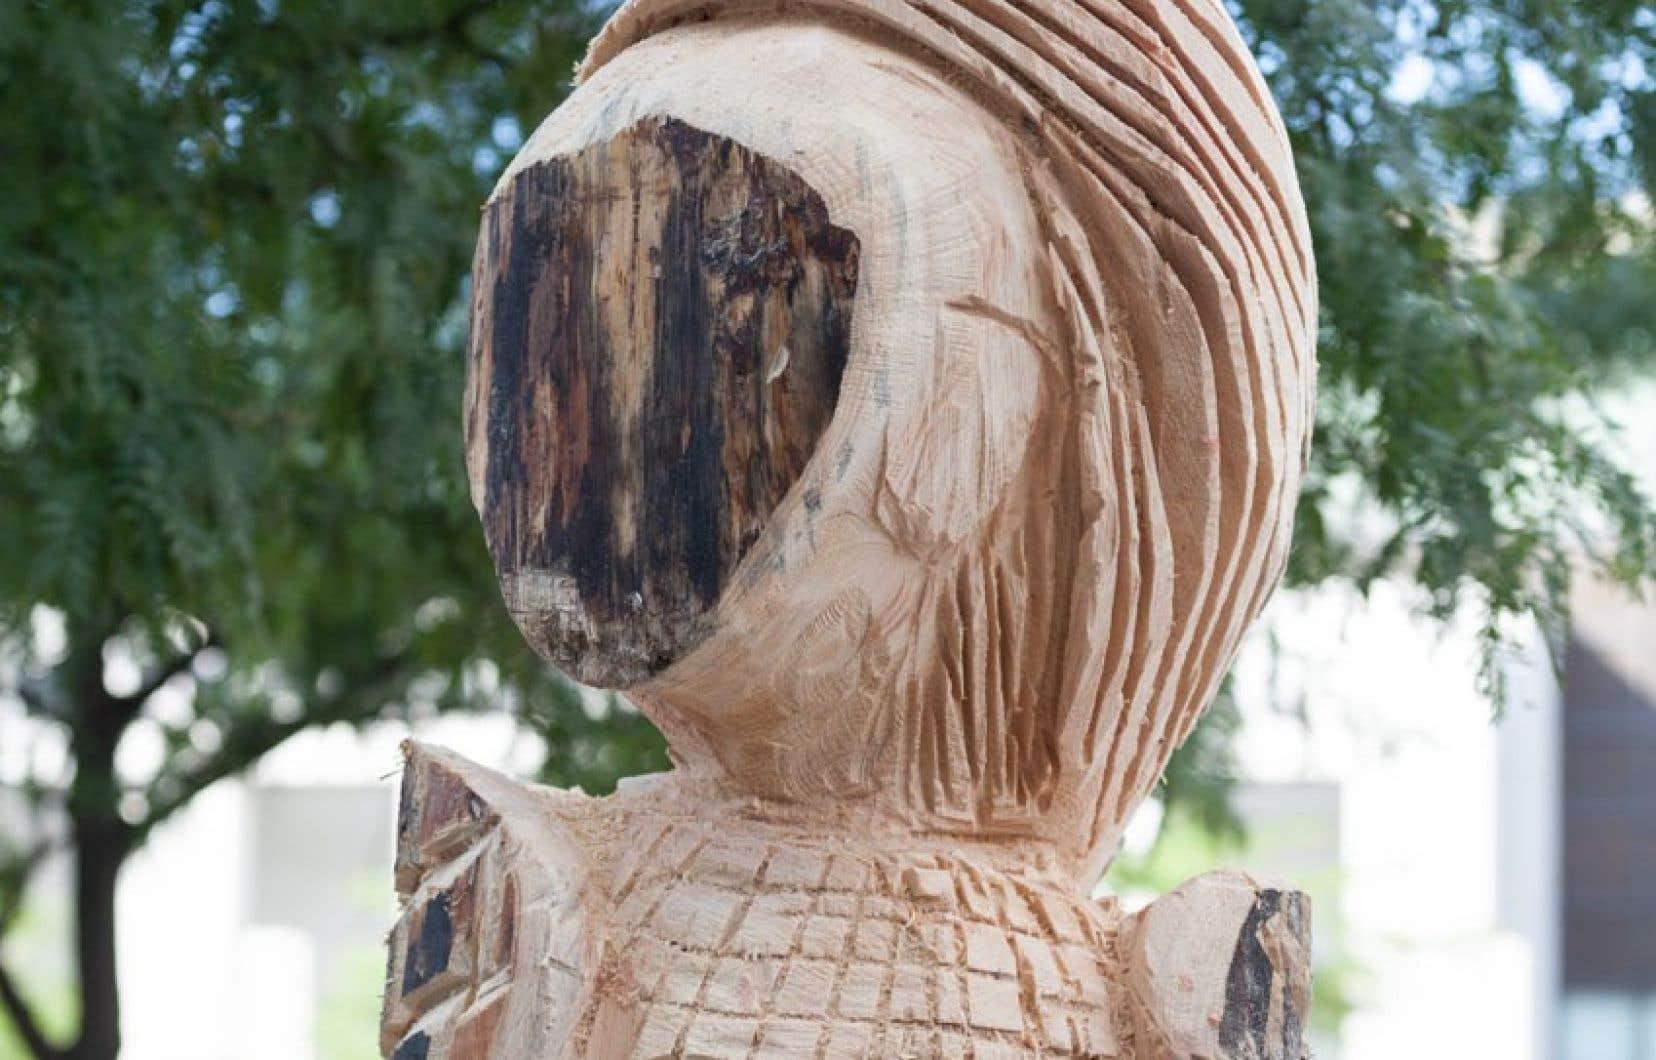 Dans la nuit du 7 au 8 août dernier, une des sculptures de l'artiste Jacques Newashish exposée place des Festivals pendant le festival Présence autochtone à Montréal a mystérieusement disparu.